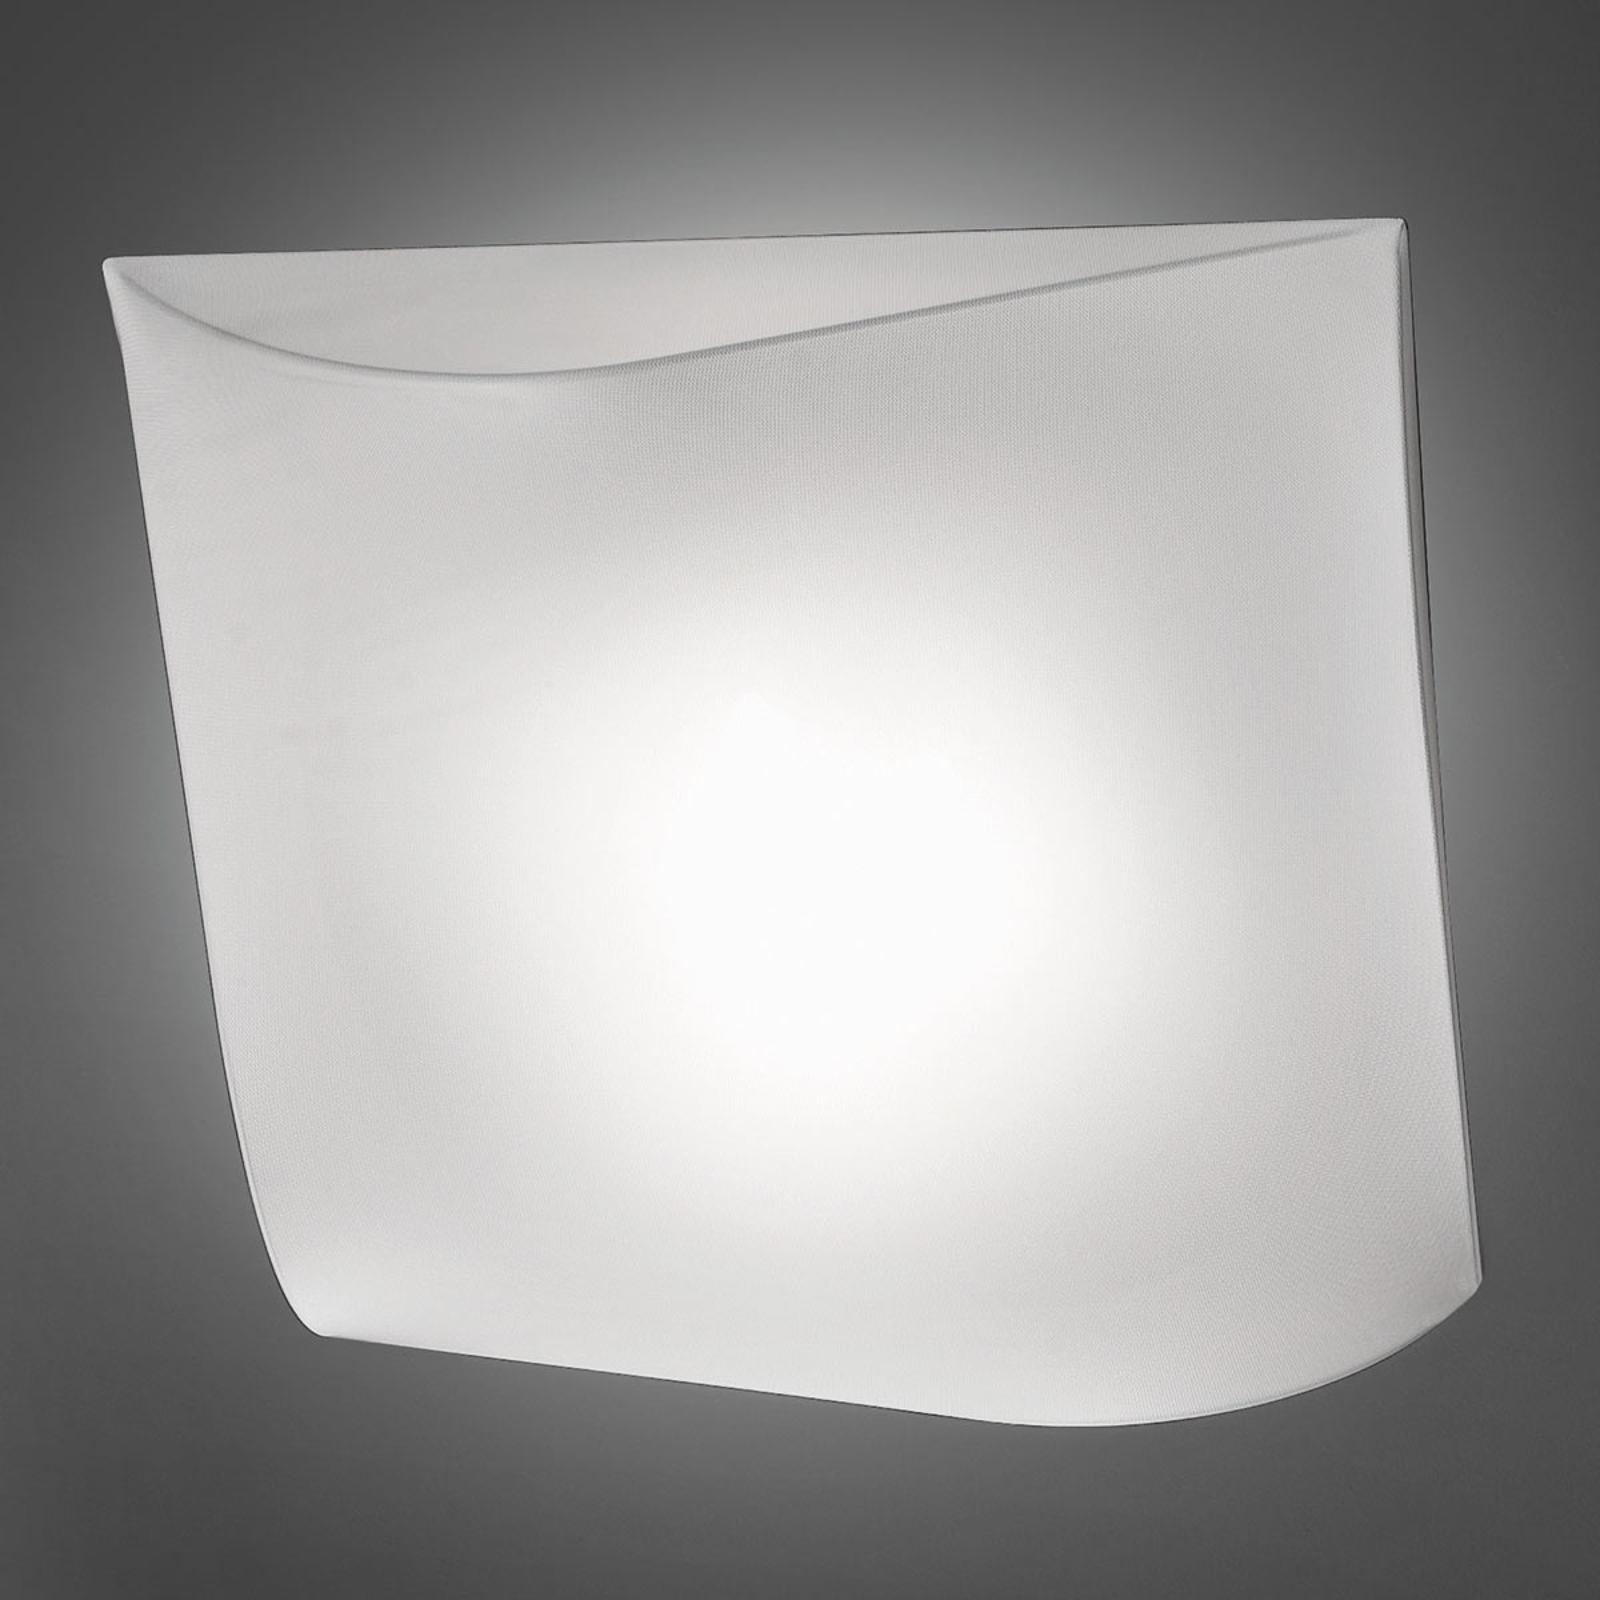 Axolight Stormy Textil-Deckenleuchte weiß 100 cm